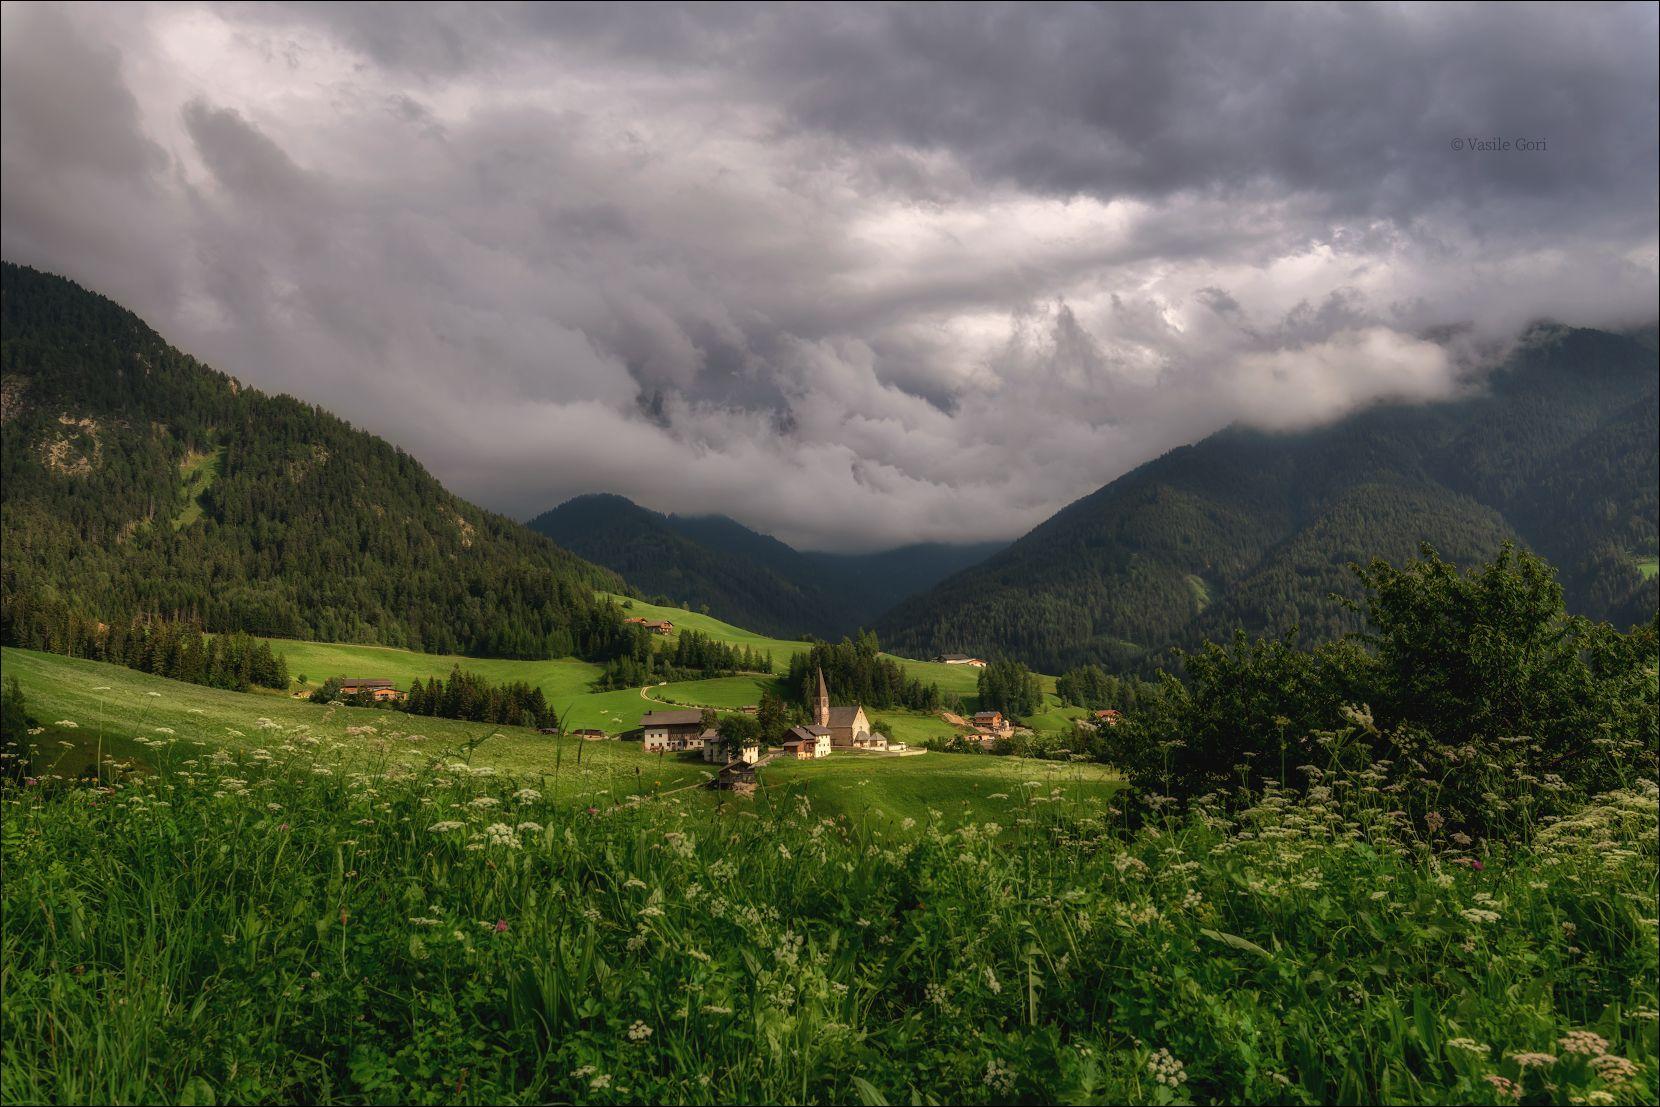 доломитовые альпы,santa maddalena,деревня,val di funes,лето,odle,италия,alps,ranui,san giovanni,церквушка, Гори Василий